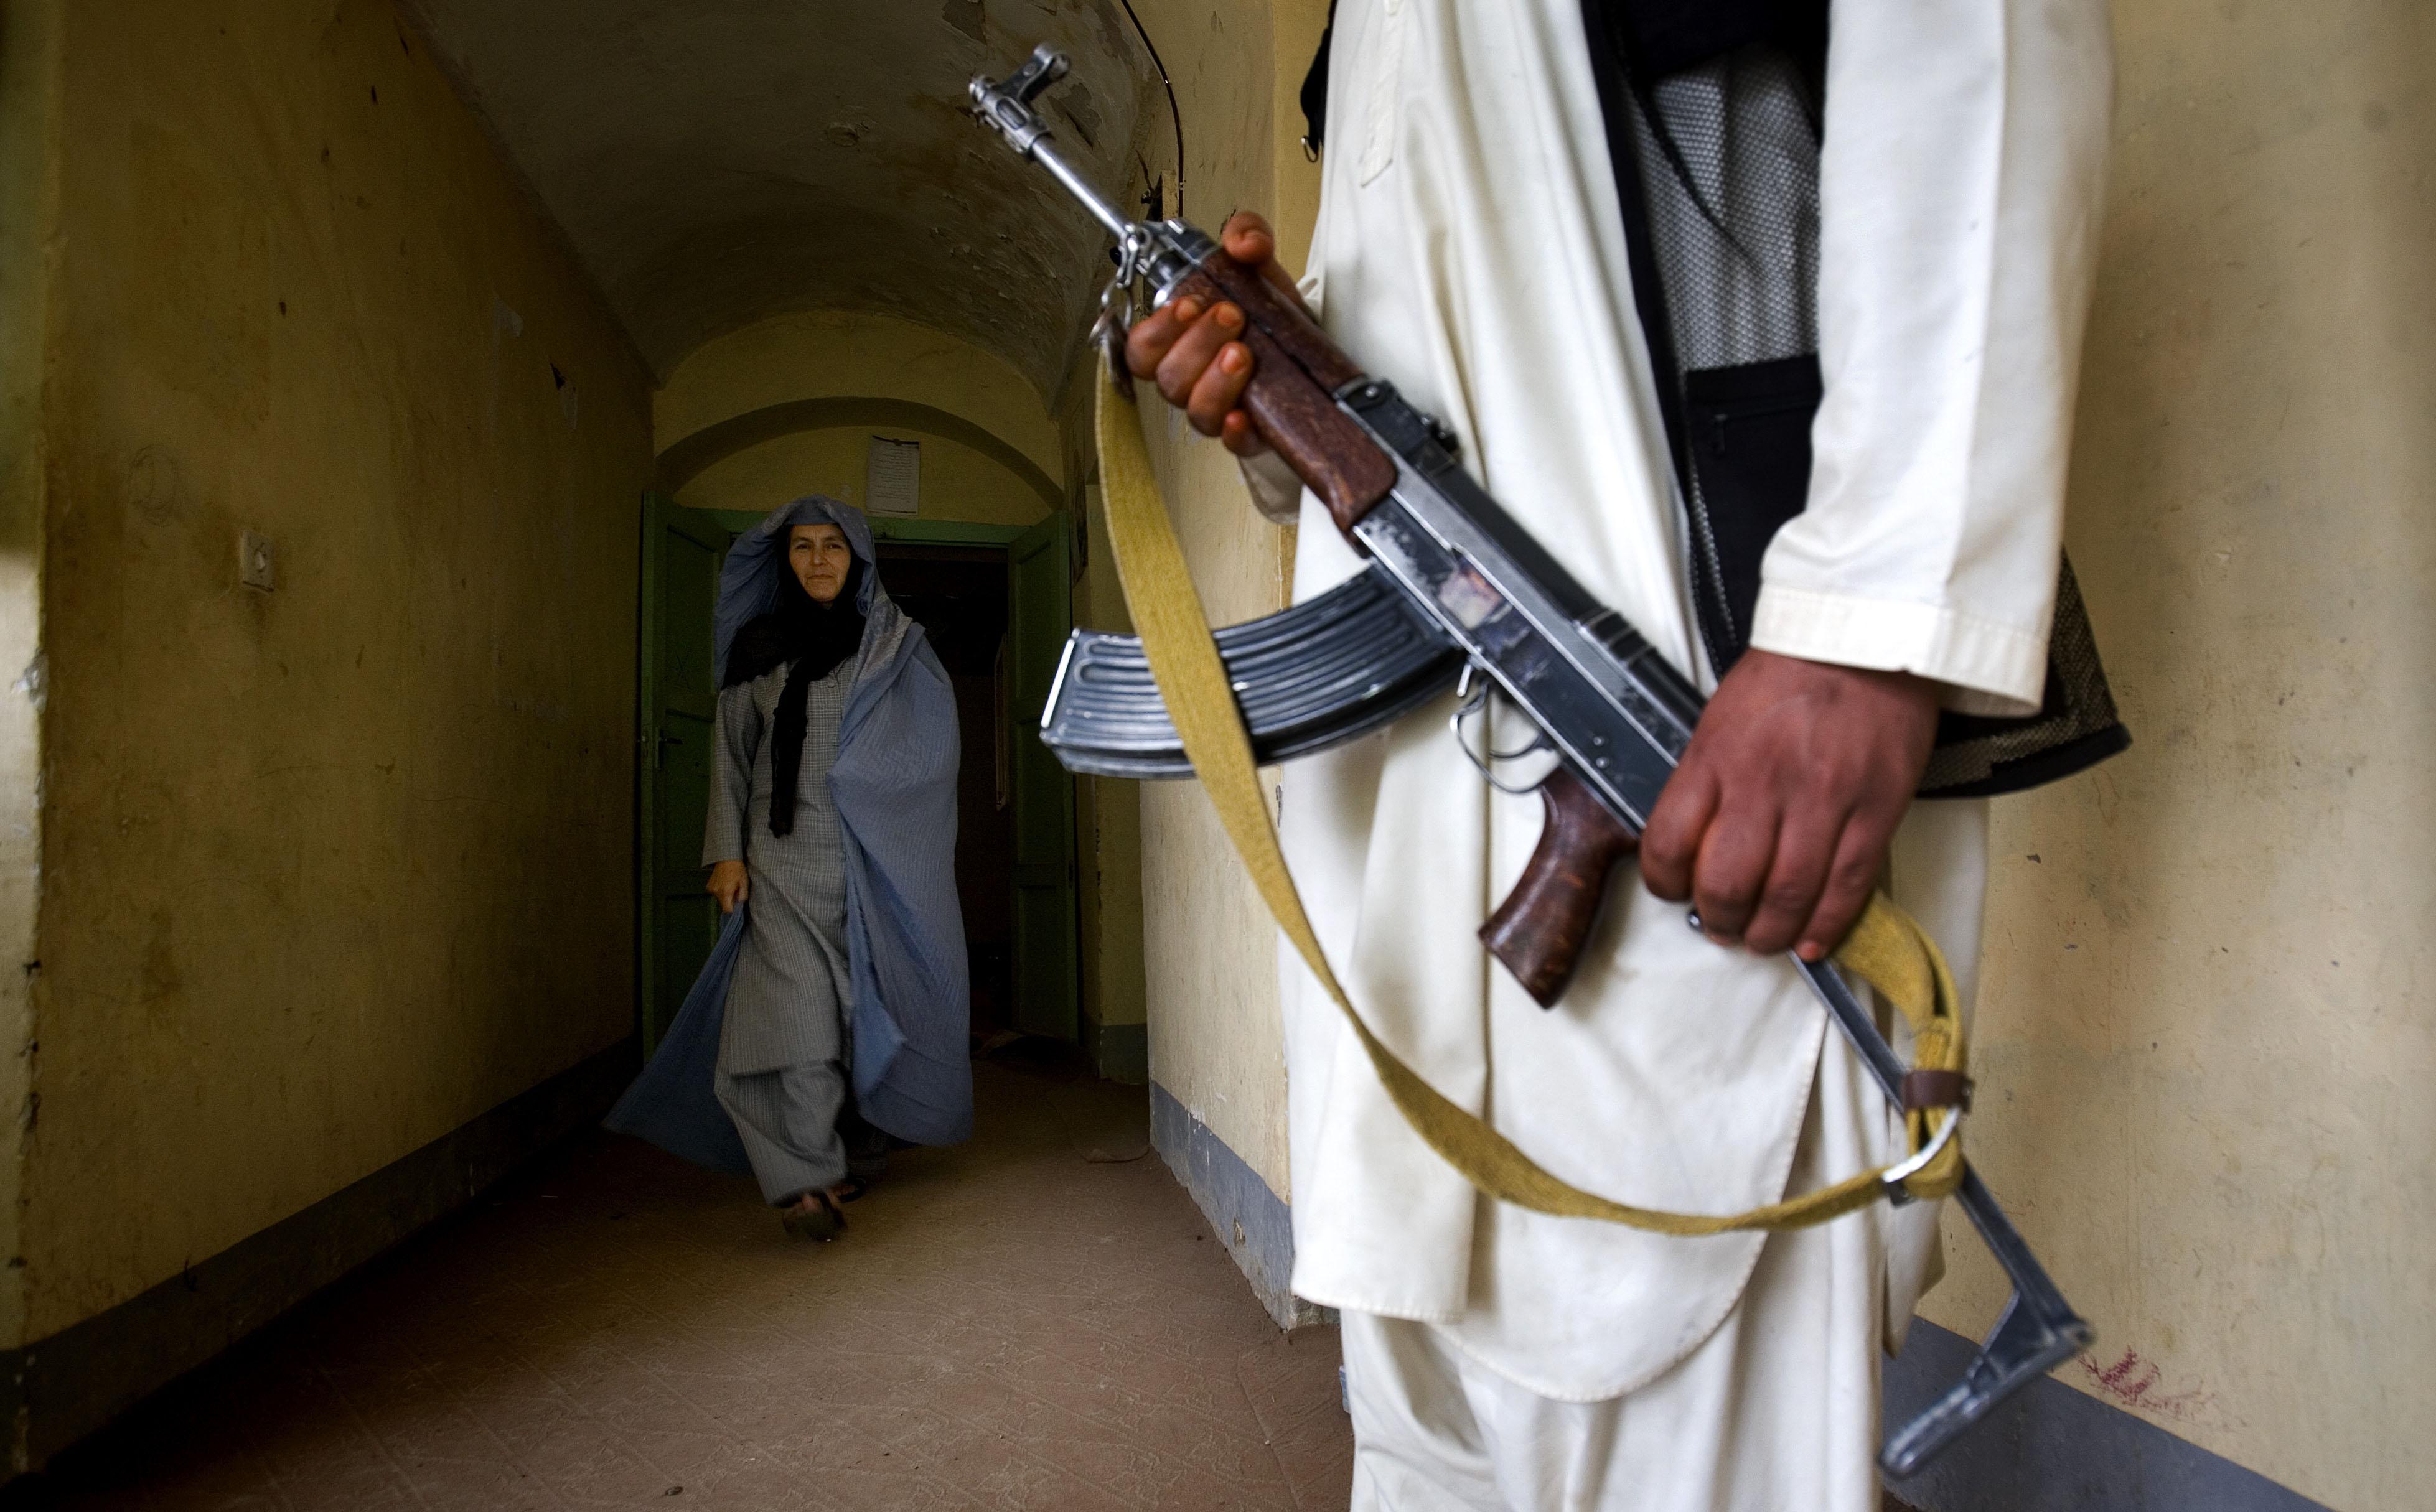 Faouzia Olimi , responsable du ministère des affaires féminines à Lash Kargah. Faouzia a échappé à plusieurs attentats commandités par les taliban. Elle se bat pour les femmes au risque de sa vie. Elle est accompagnée d'un body guard en permanence. Sa consoeur de Kandahar, Safia Amia Jan, a été assassinée le 11 septembre 2006. Lash-Kargah, Helmand, Afghanistan. Veronique de Viguerie pour le Figaro Magazine.